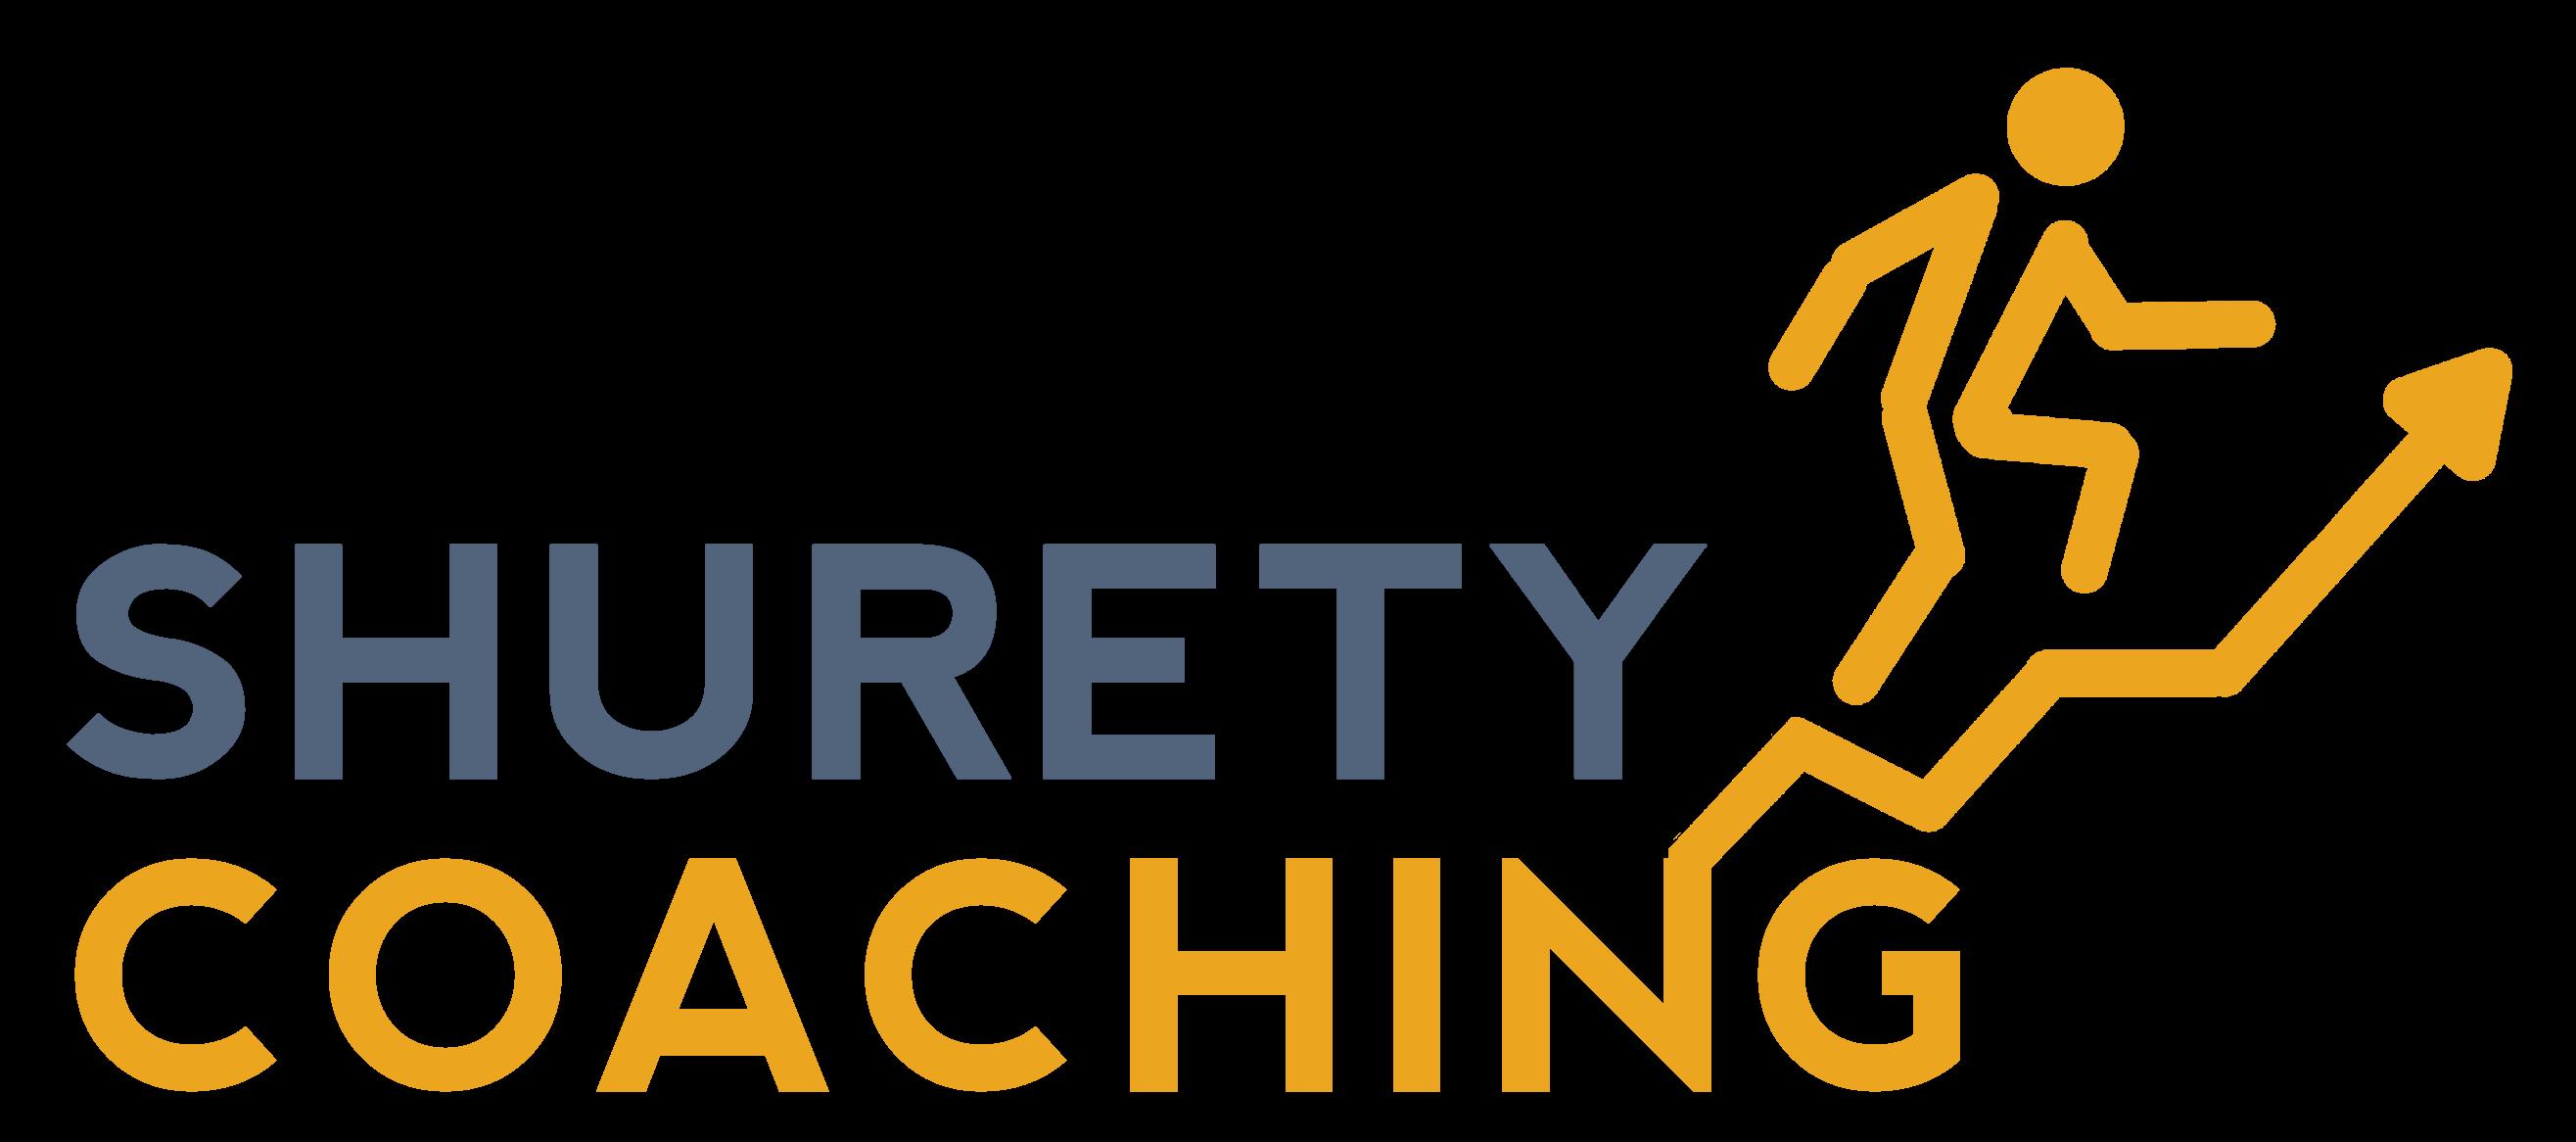 Shurety Coaching